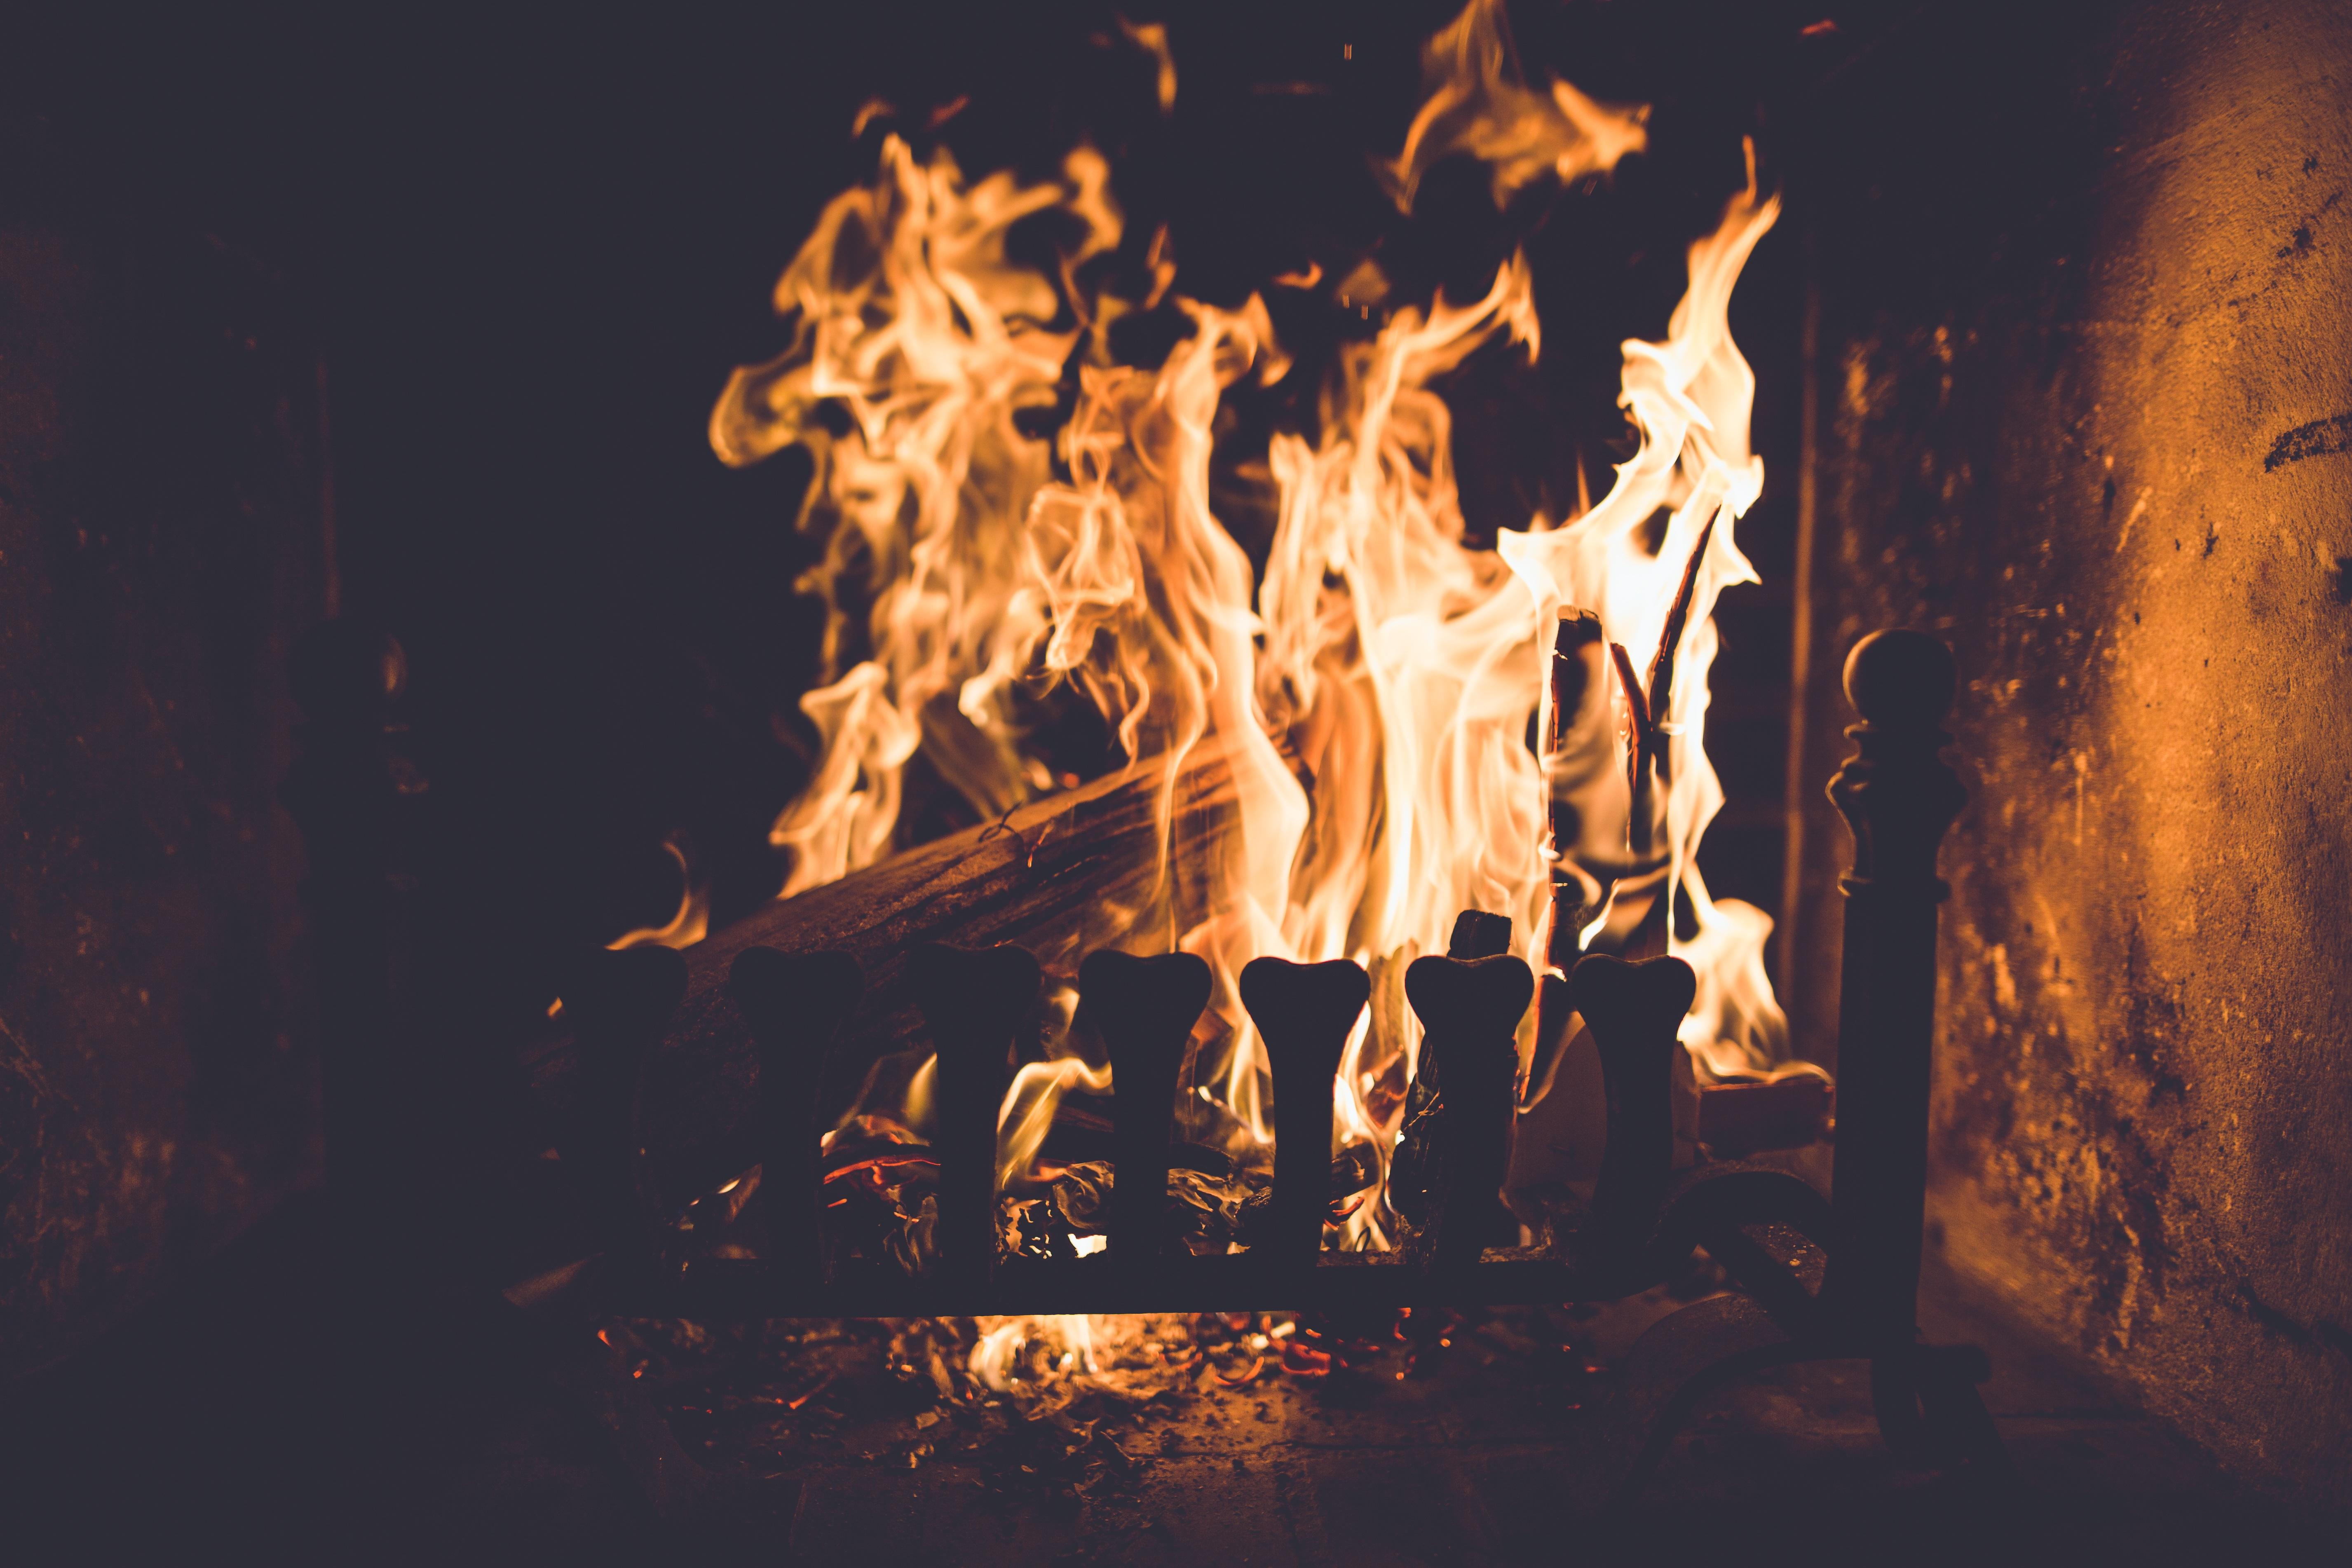 костер огонь пламя загрузить